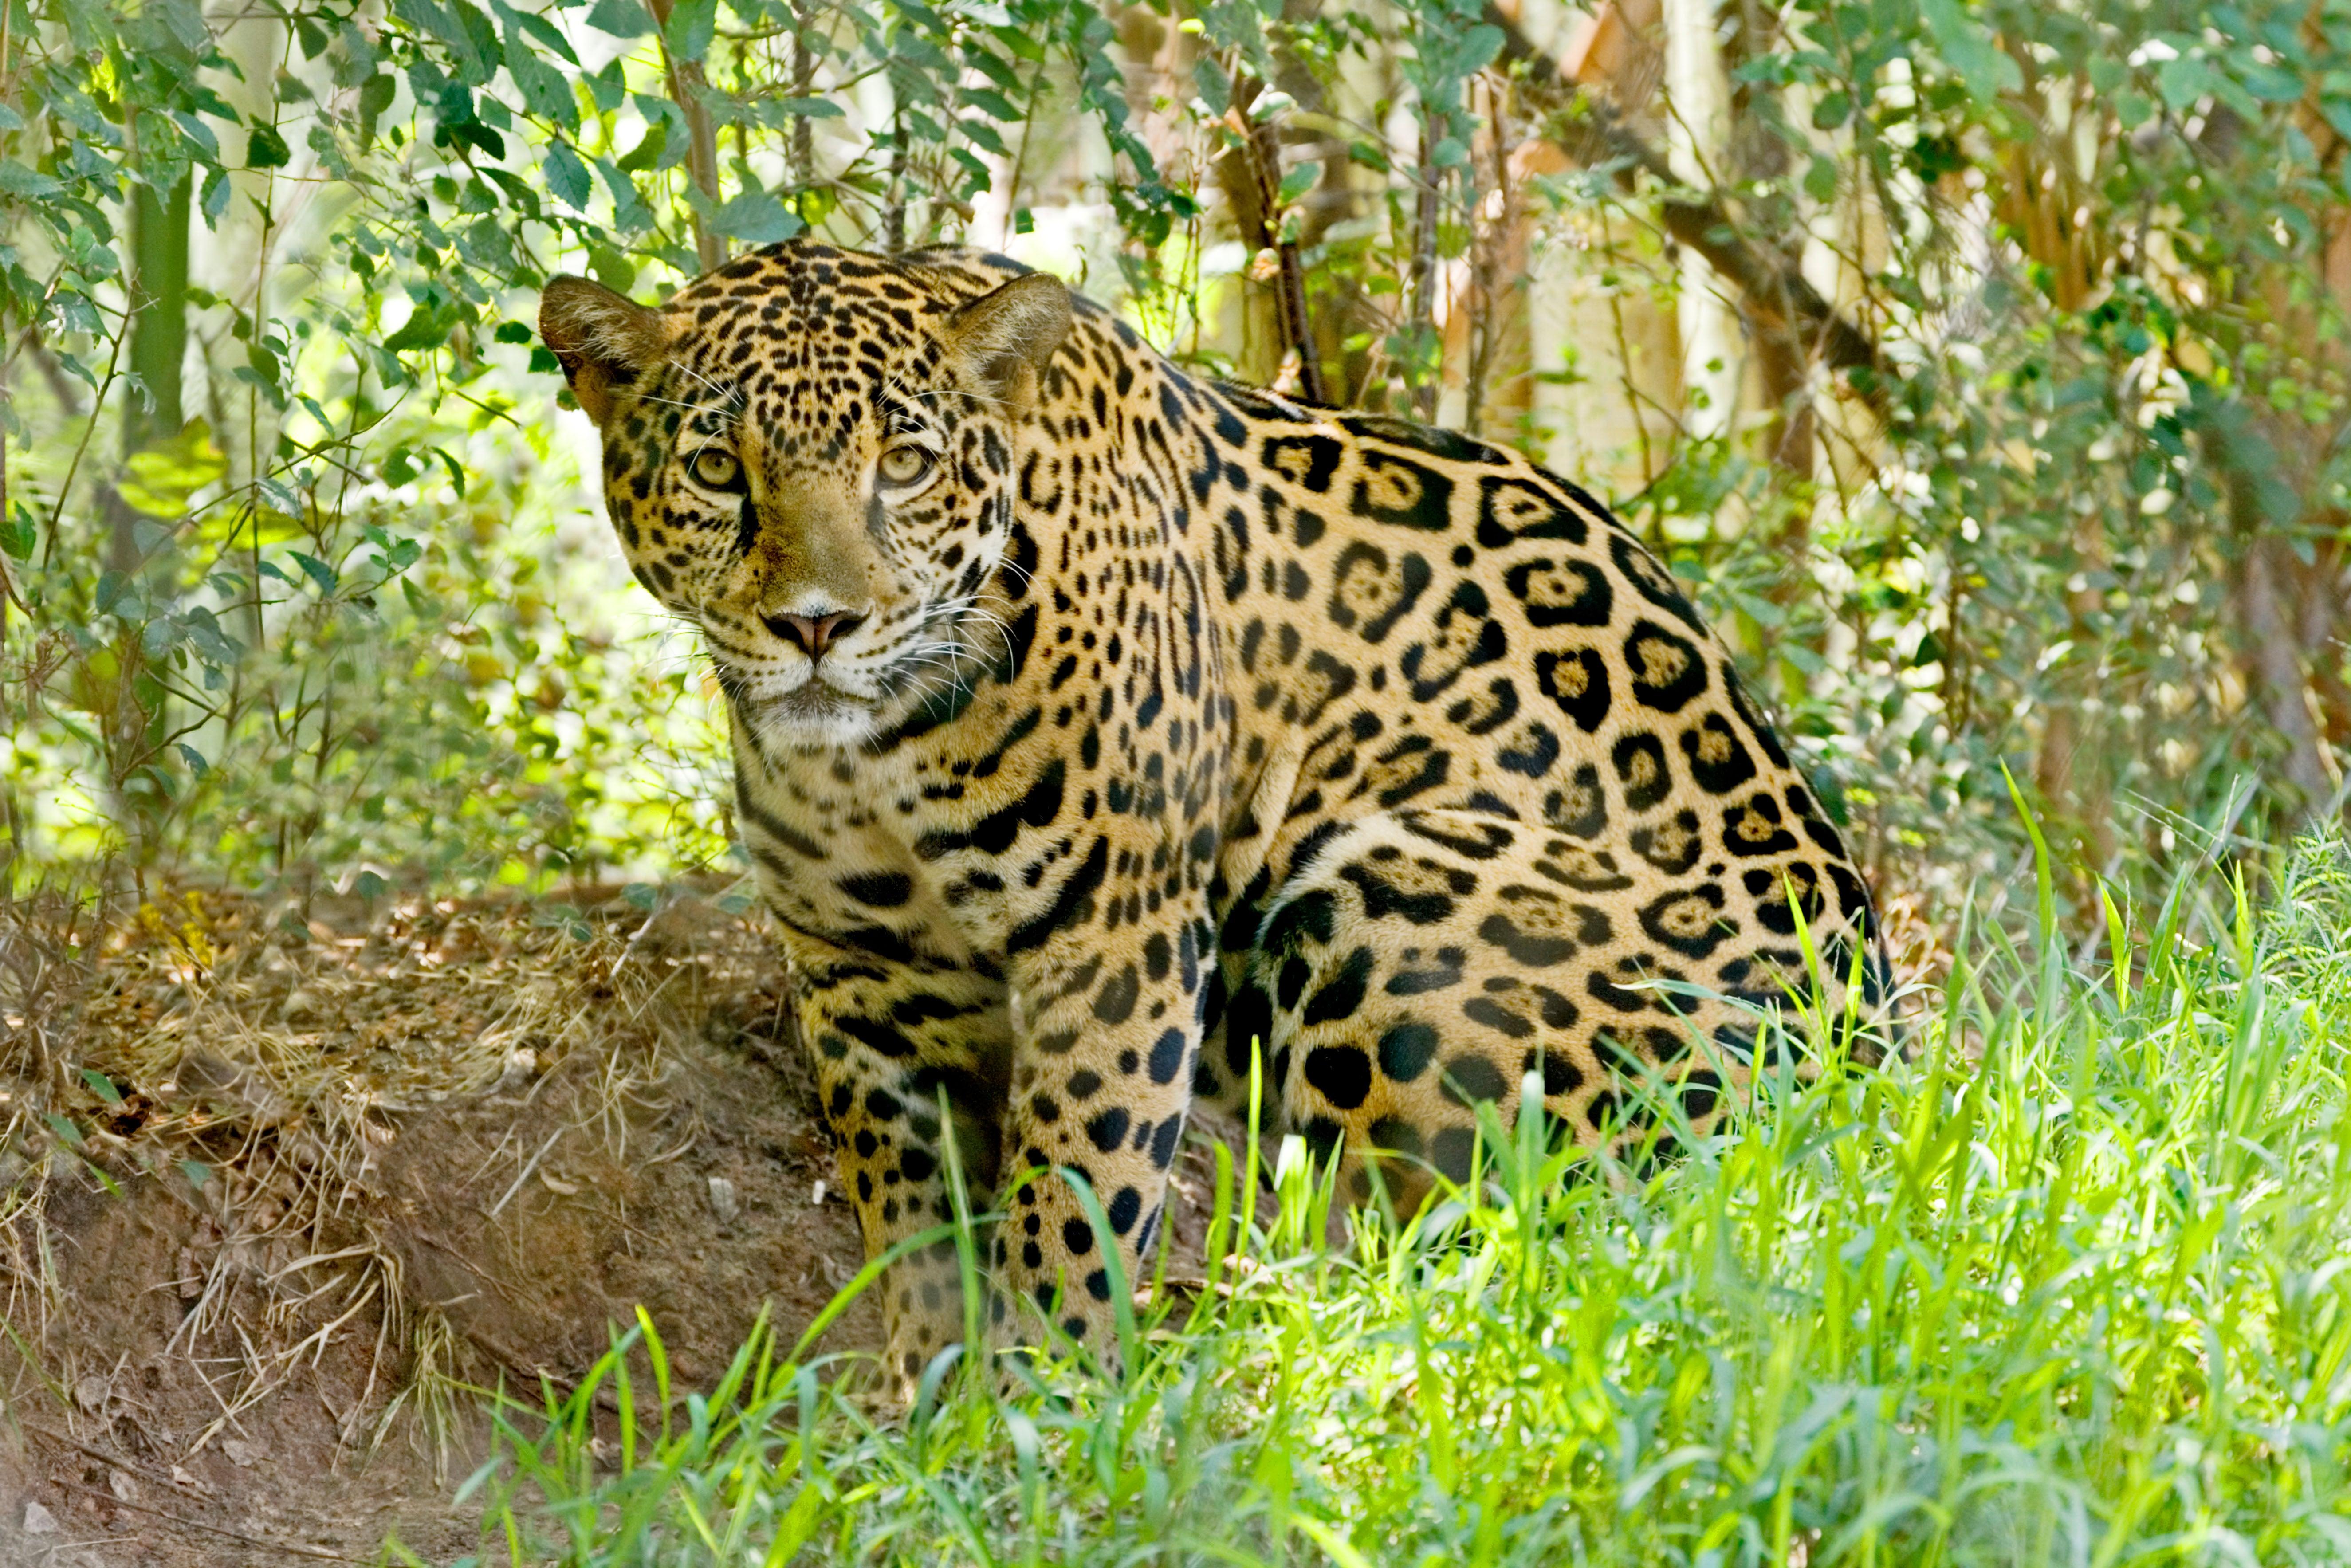 Let's Rebuild the U.S. Jaguar Population--Yes, Jaguars